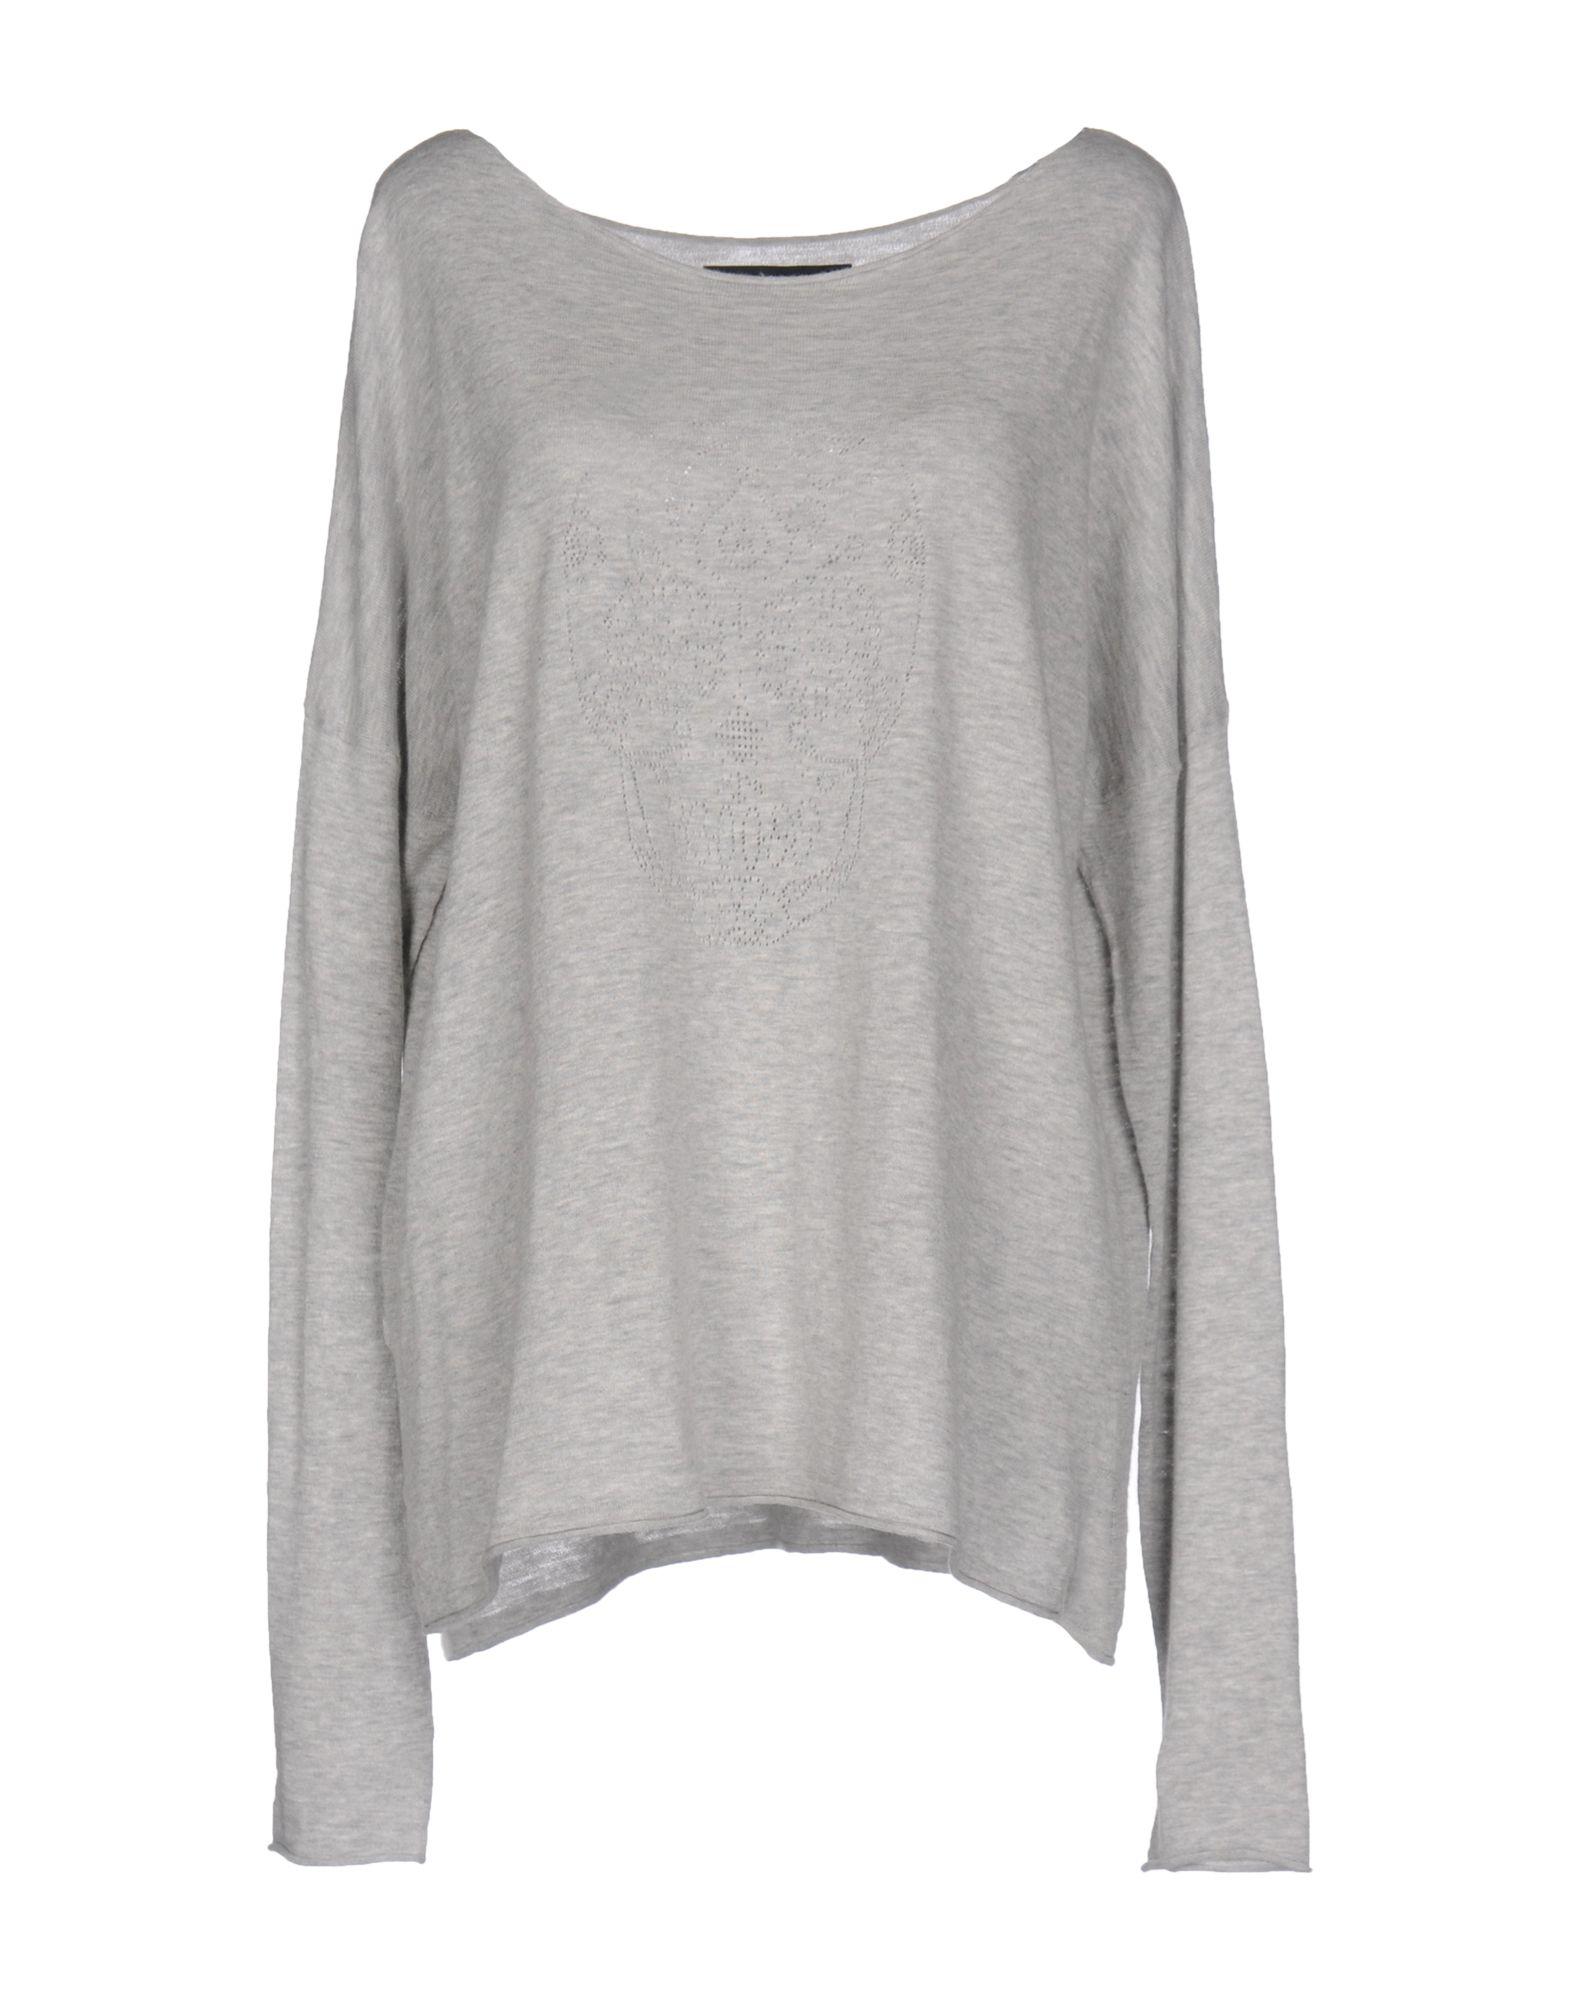 SKULL CASHMERE Damen Pullover Farbe Hellgrau Größe 6 - broschei